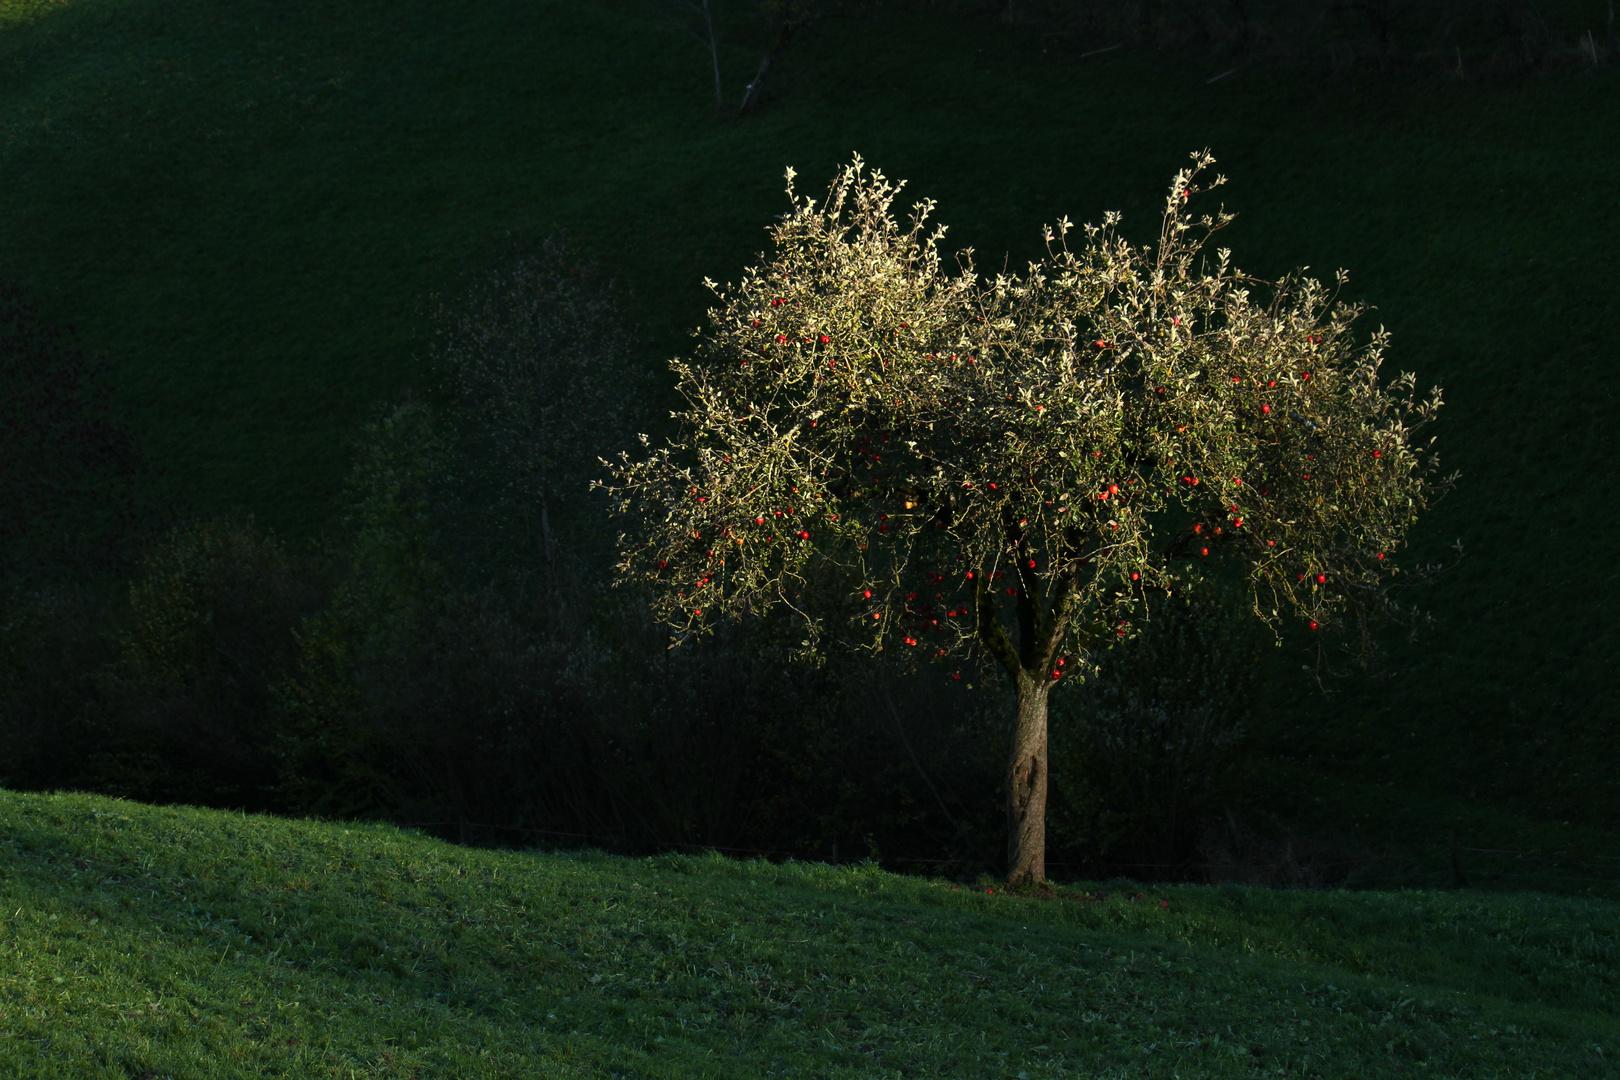 Früchte des verbotenen Baumes